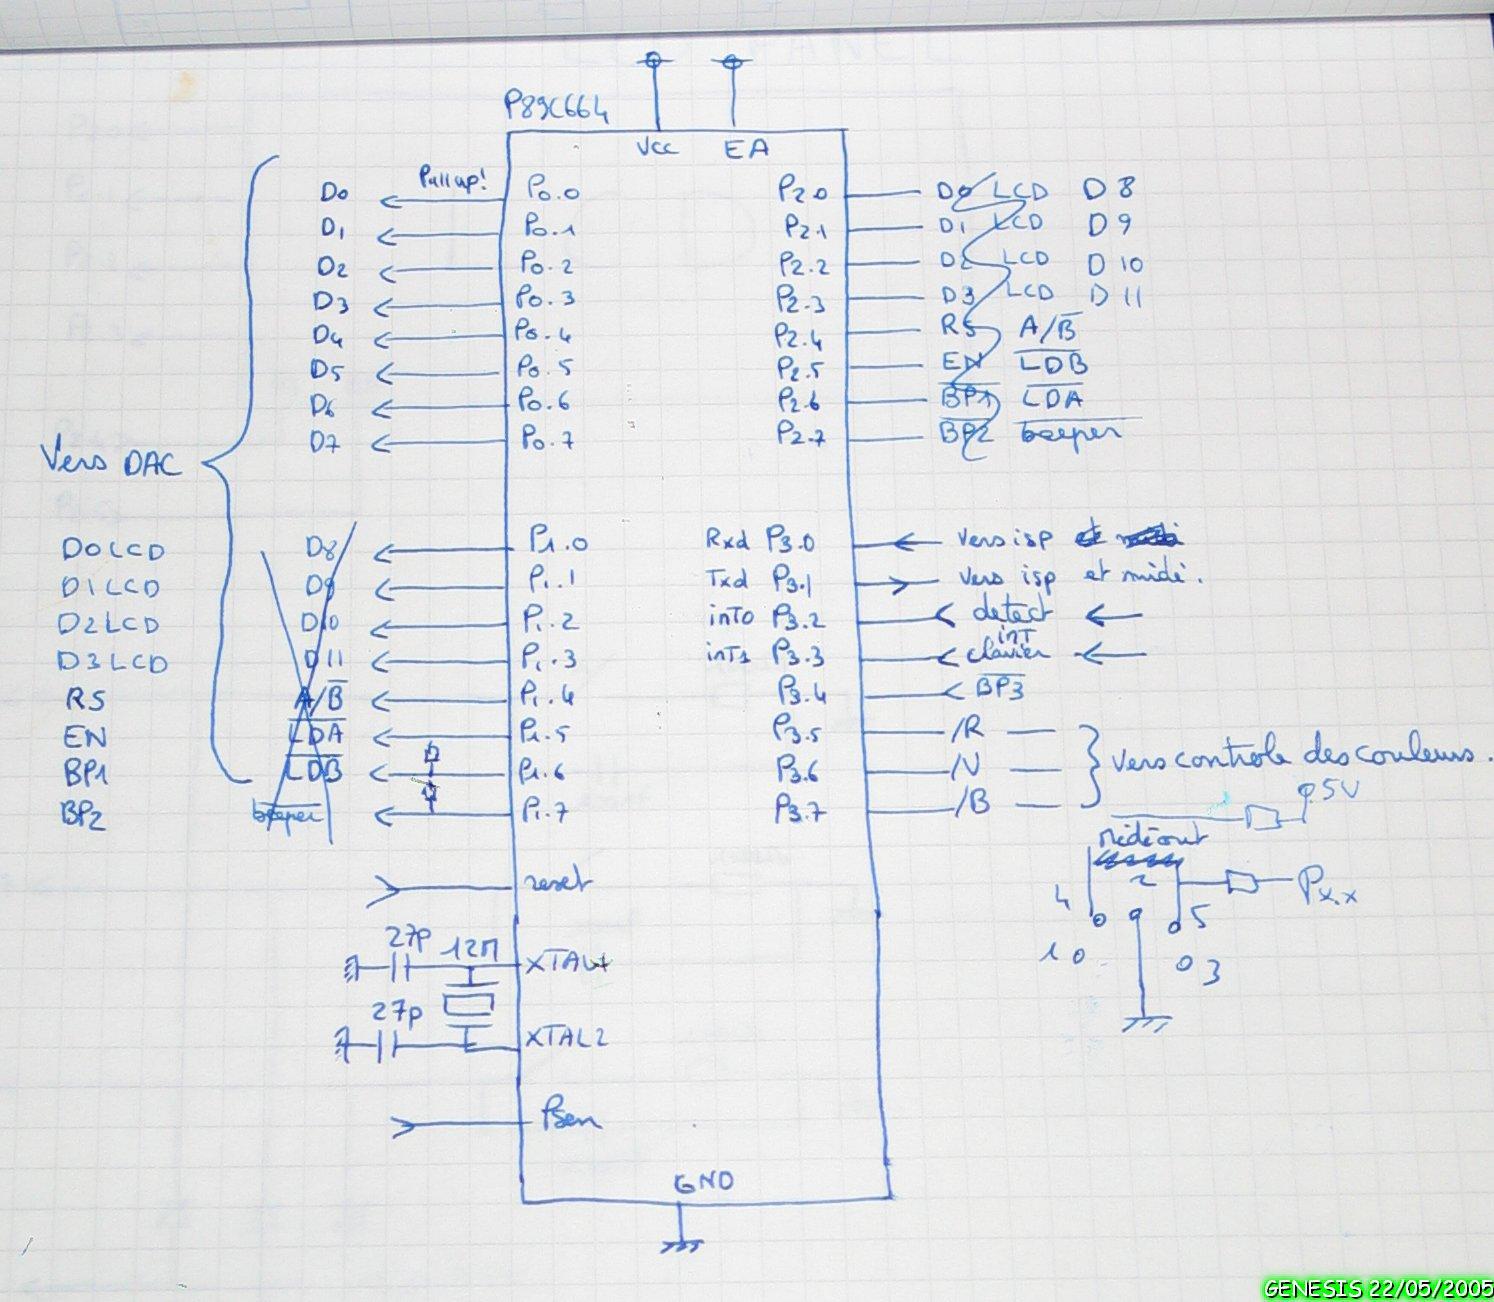 Fein 2004 Neonschaltpläne Bilder - Der Schaltplan - traveltopus.info